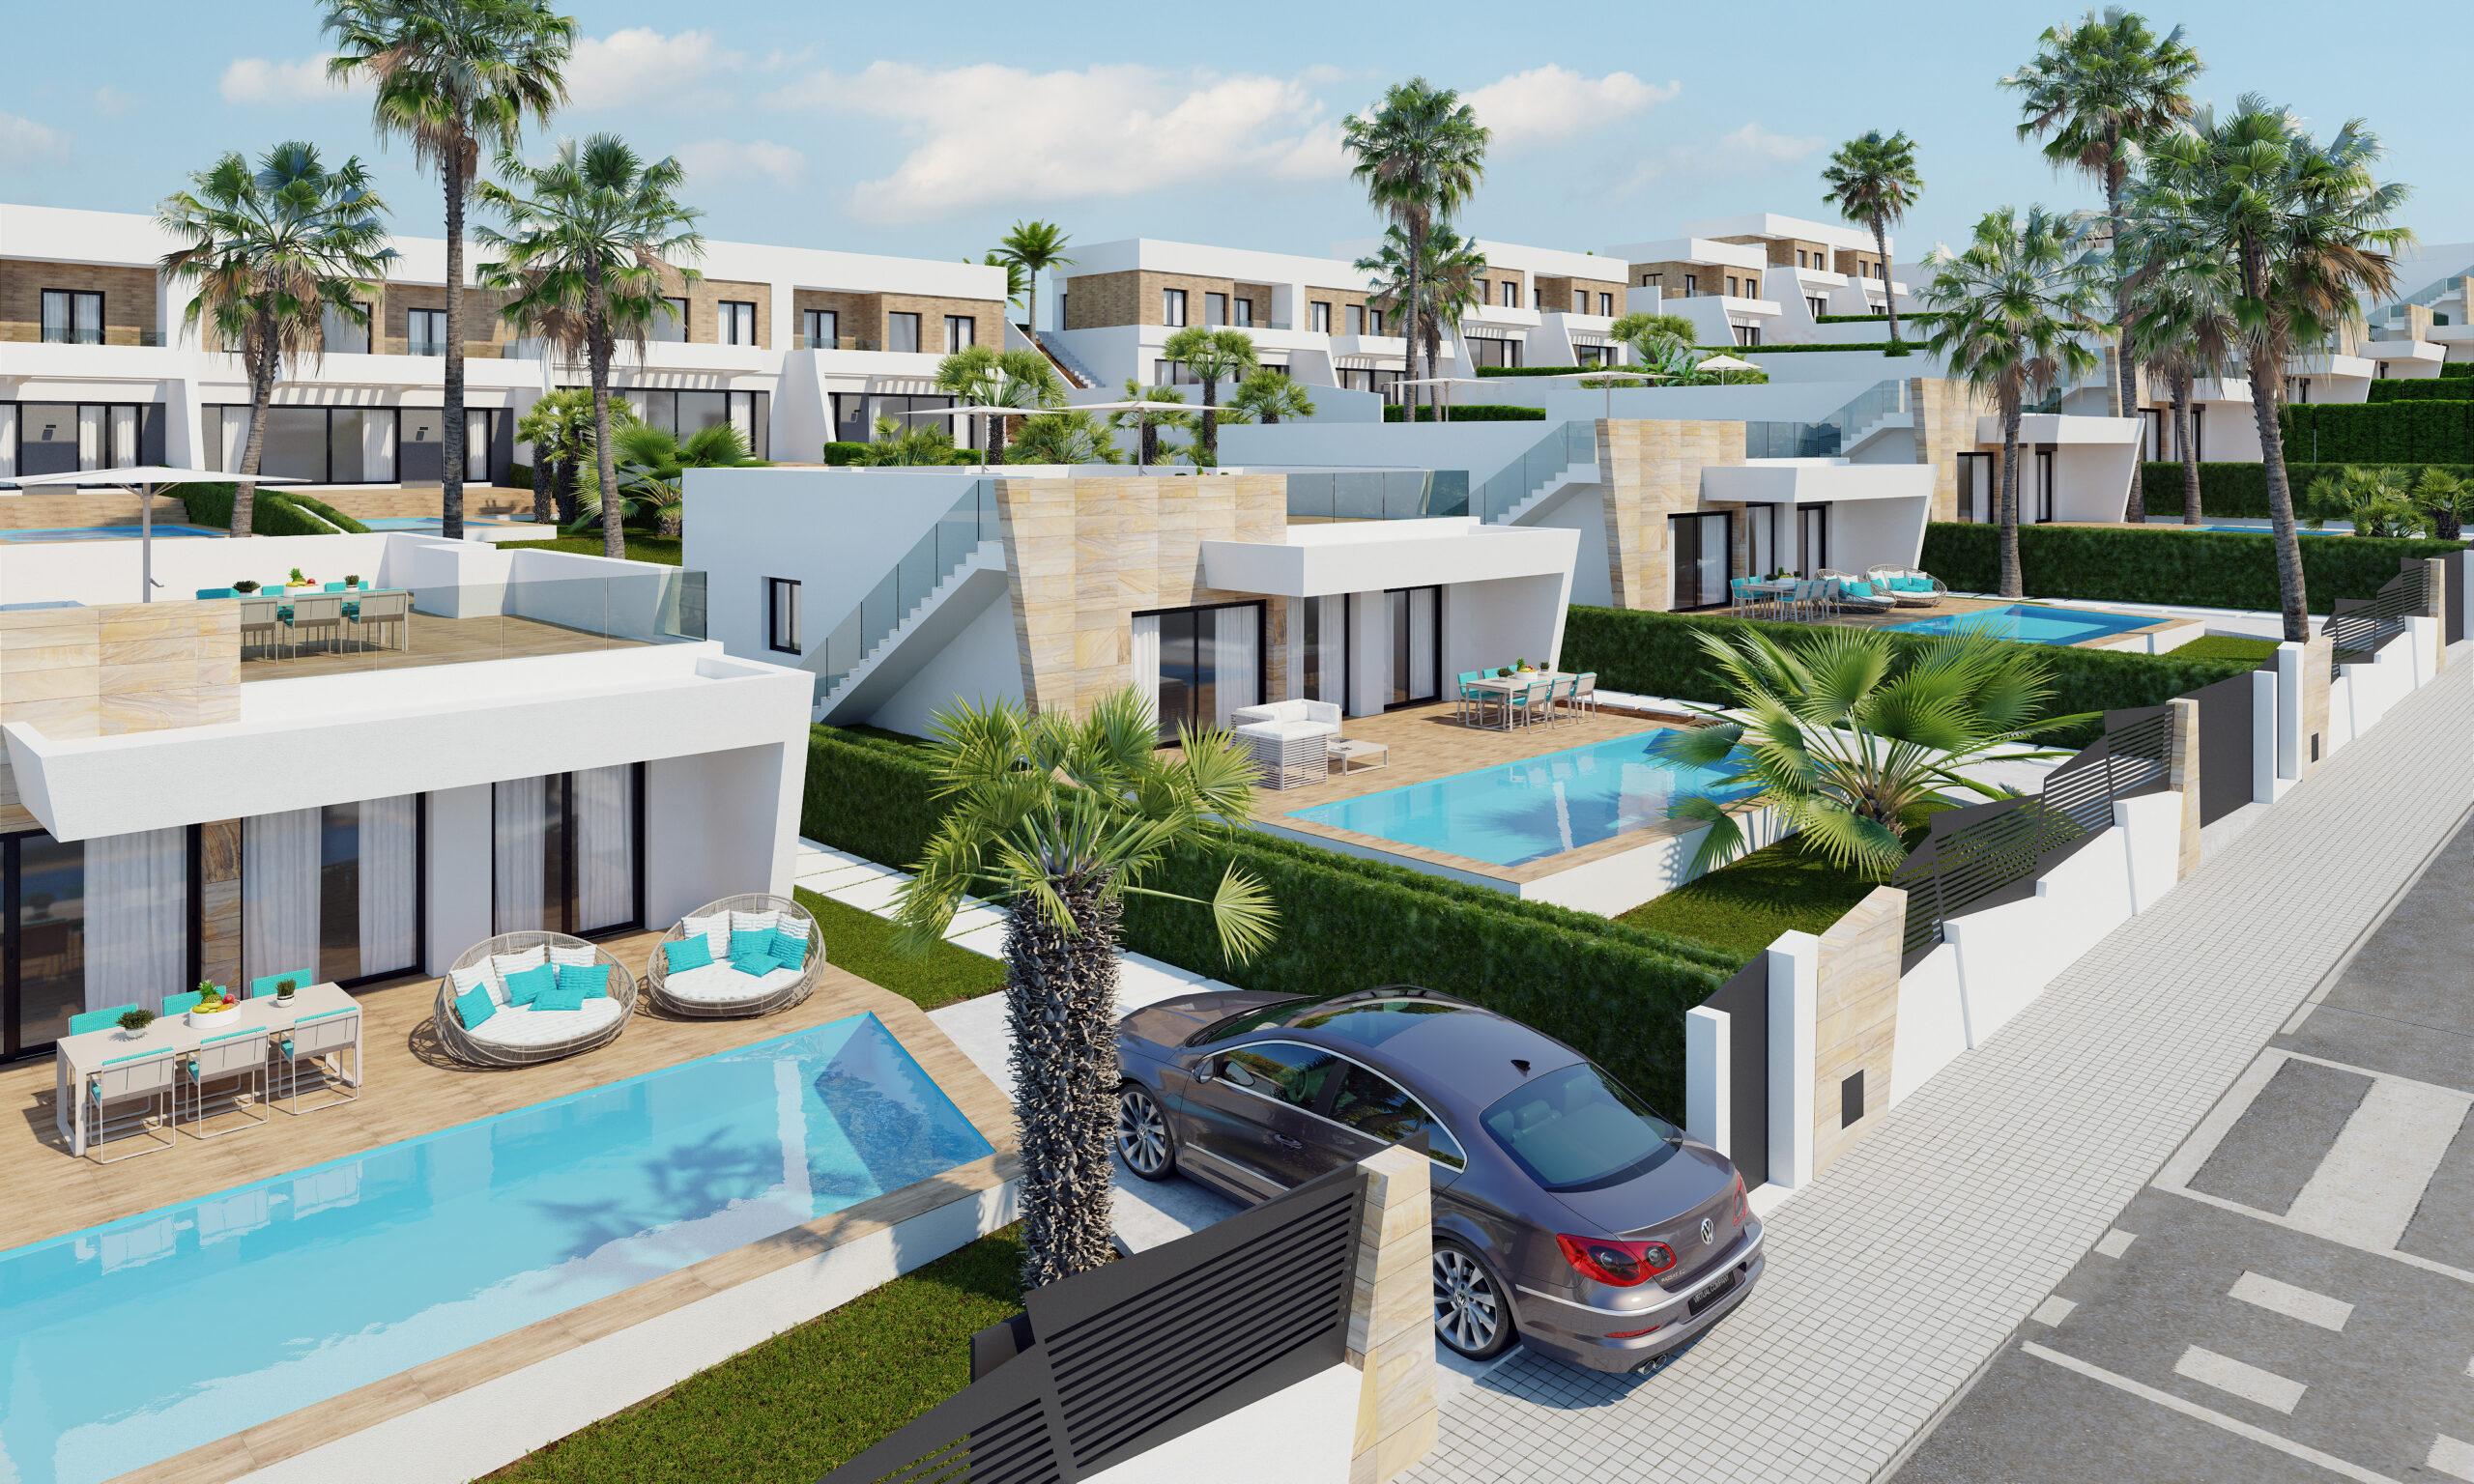 Villa moderna adosada en un residencial con vistas al mar! PD-19117